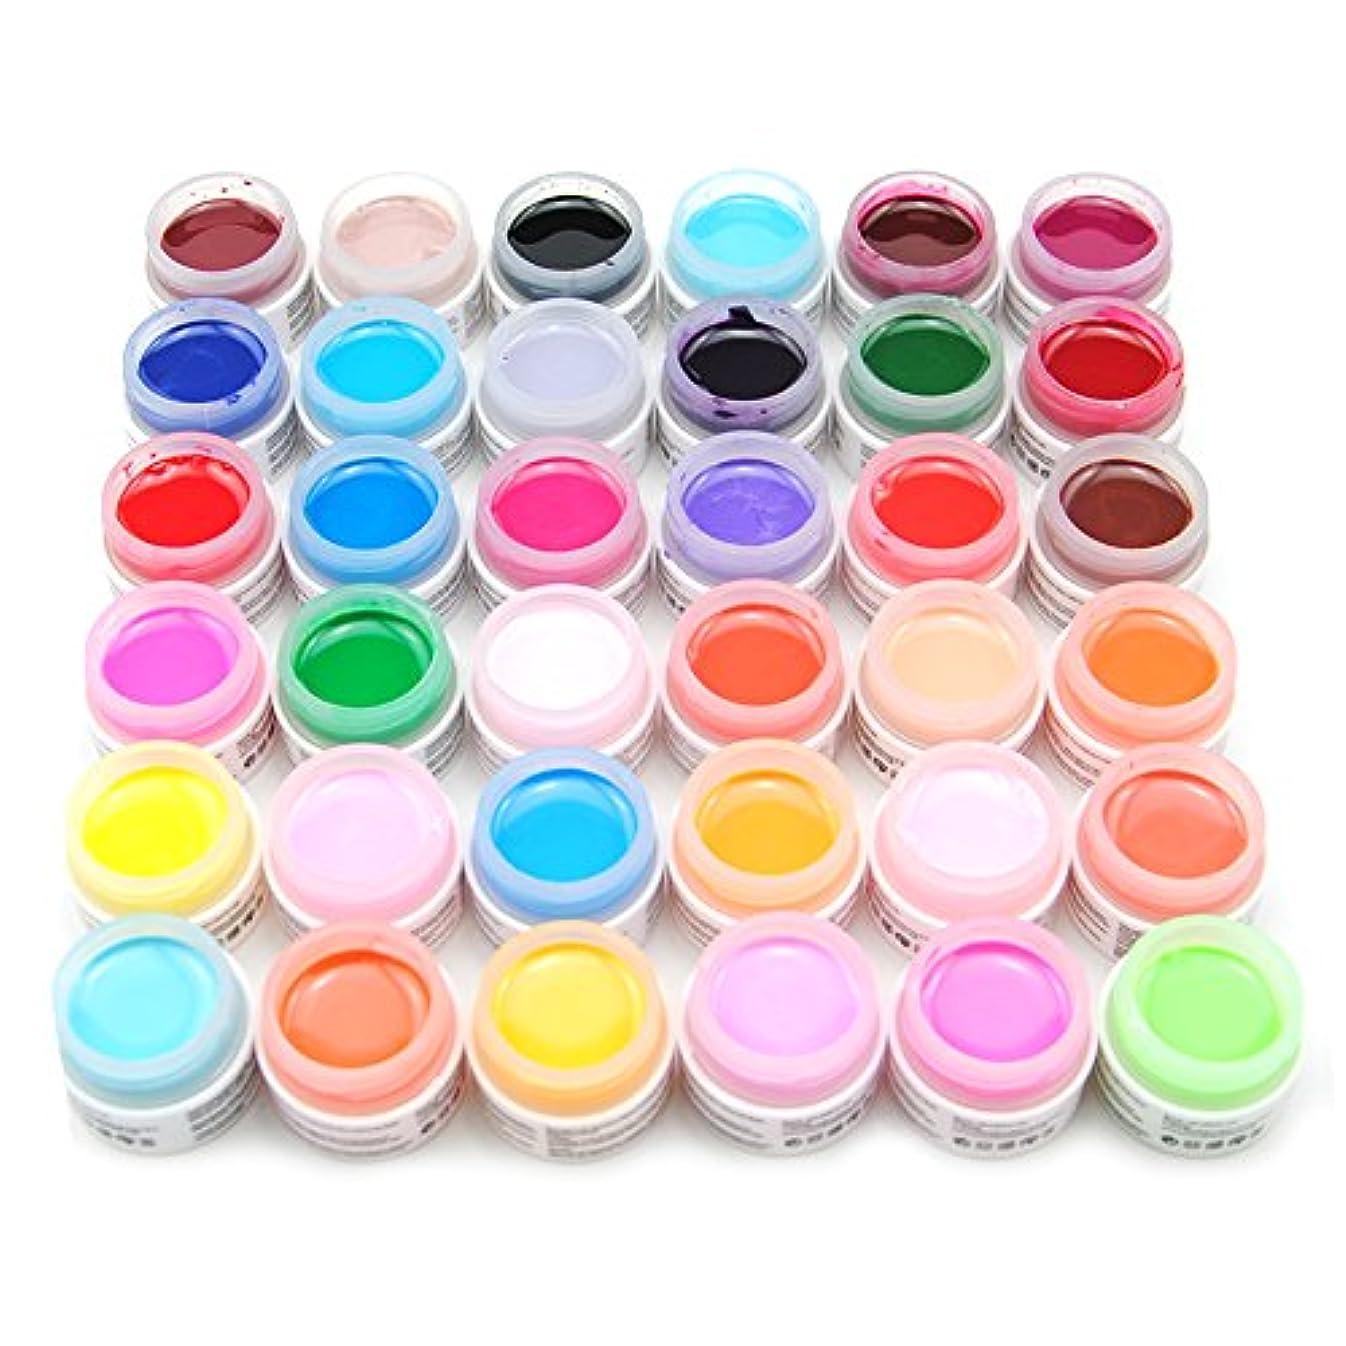 結核ポールに向かってユニークモール(UniqueMall)ジェルネイルのセット 36色 純粋ネイルネイルカラーUVジェルレジン ネイルアート ネイルサロン 色々カラーネイルデコ人気セット